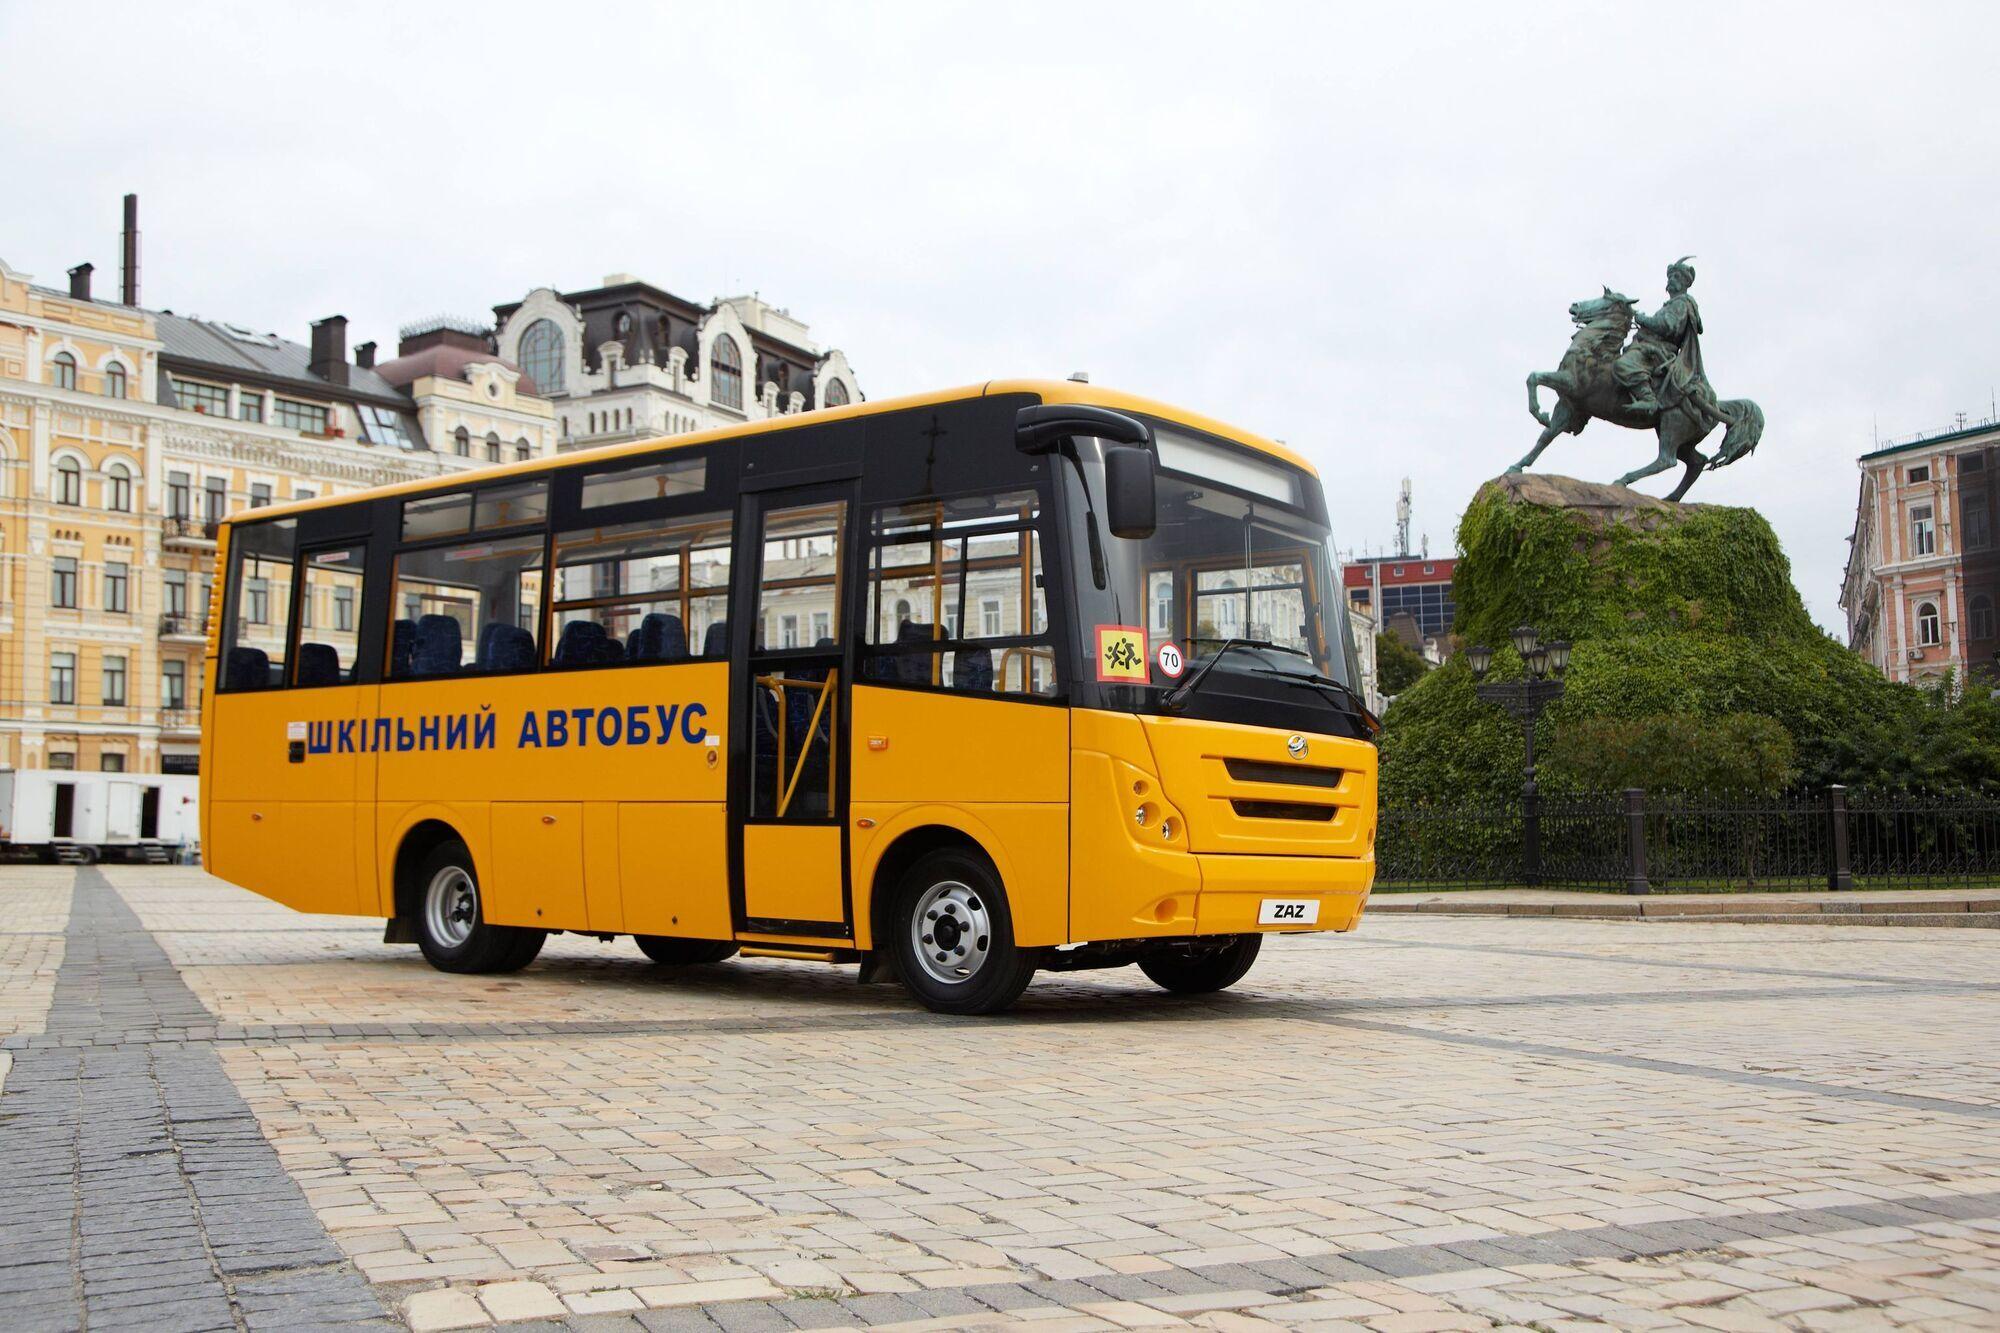 В этом году в планах предприятия собрать более 160 автобусов, из которых 75 будут перевозить украинских школьников